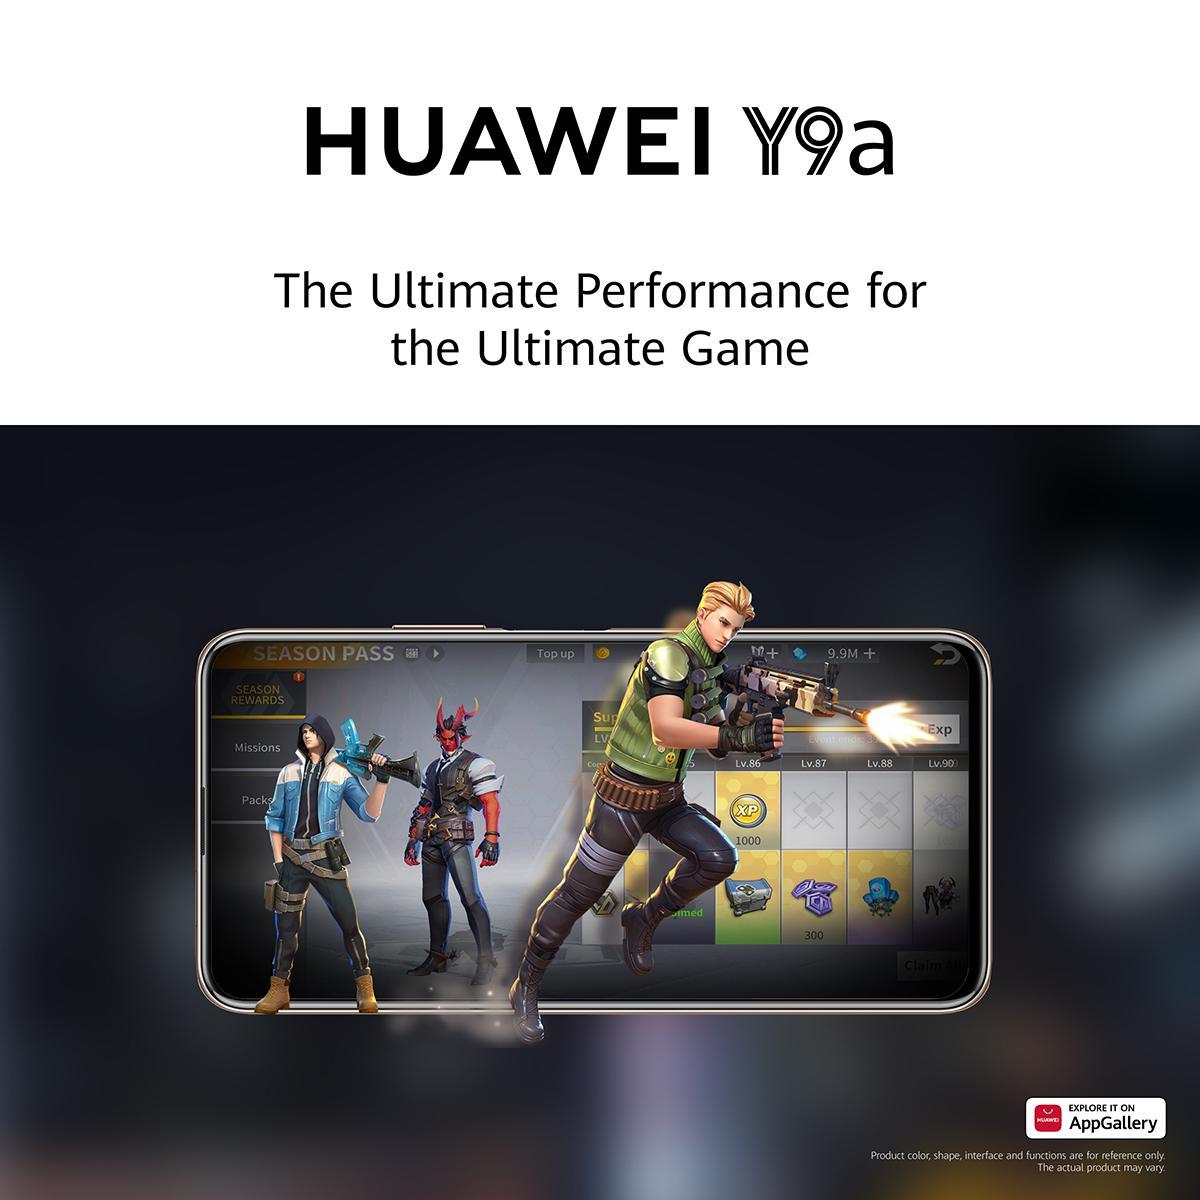 استمتع بتجربة لعب فريدة من نوعها مع هاتف Huawei Y9a